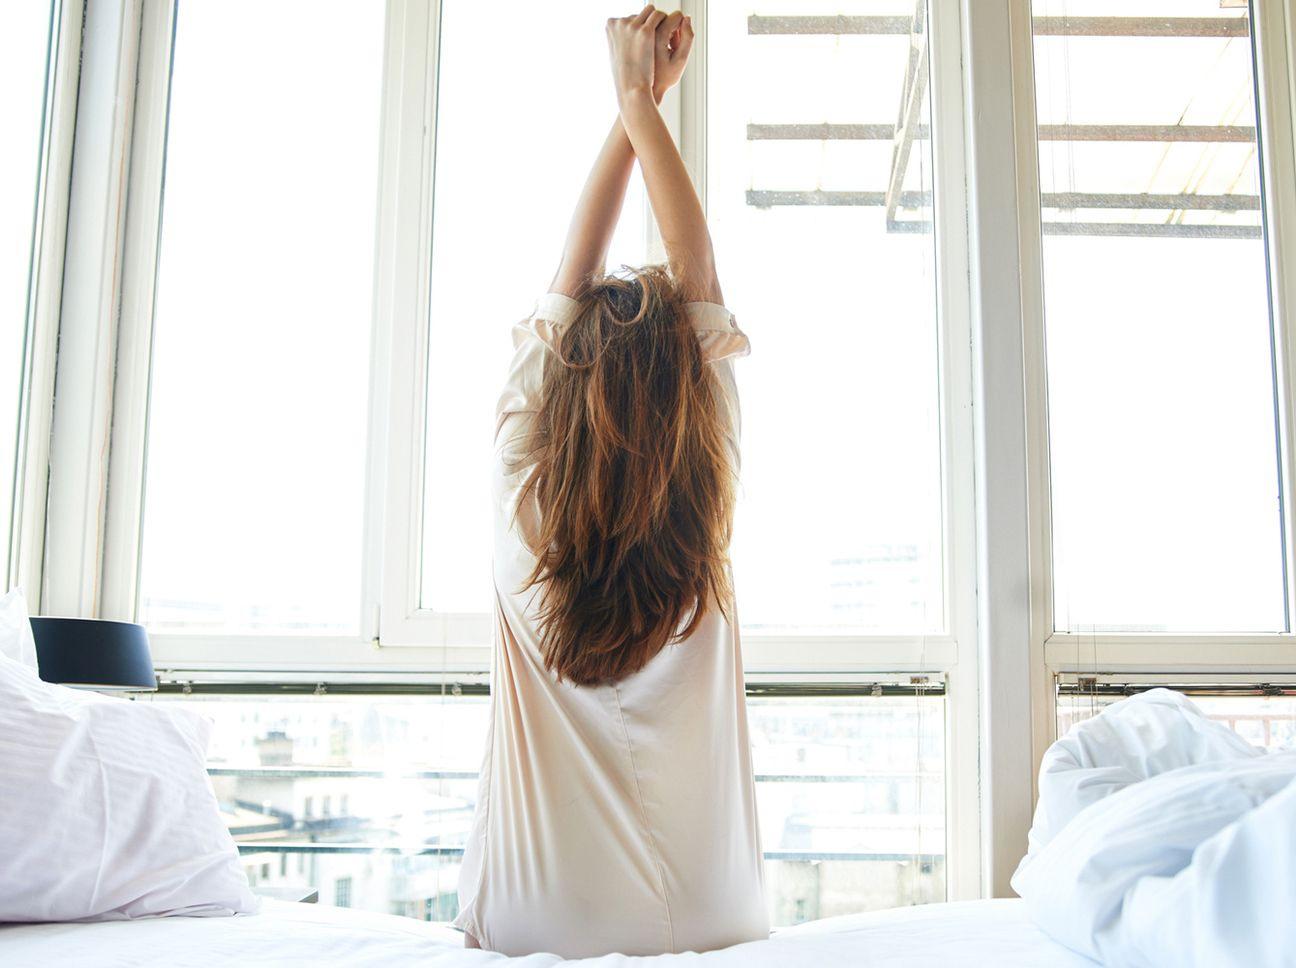 Diese Morgenroutinen Machen Schlank  Morgenroutinen